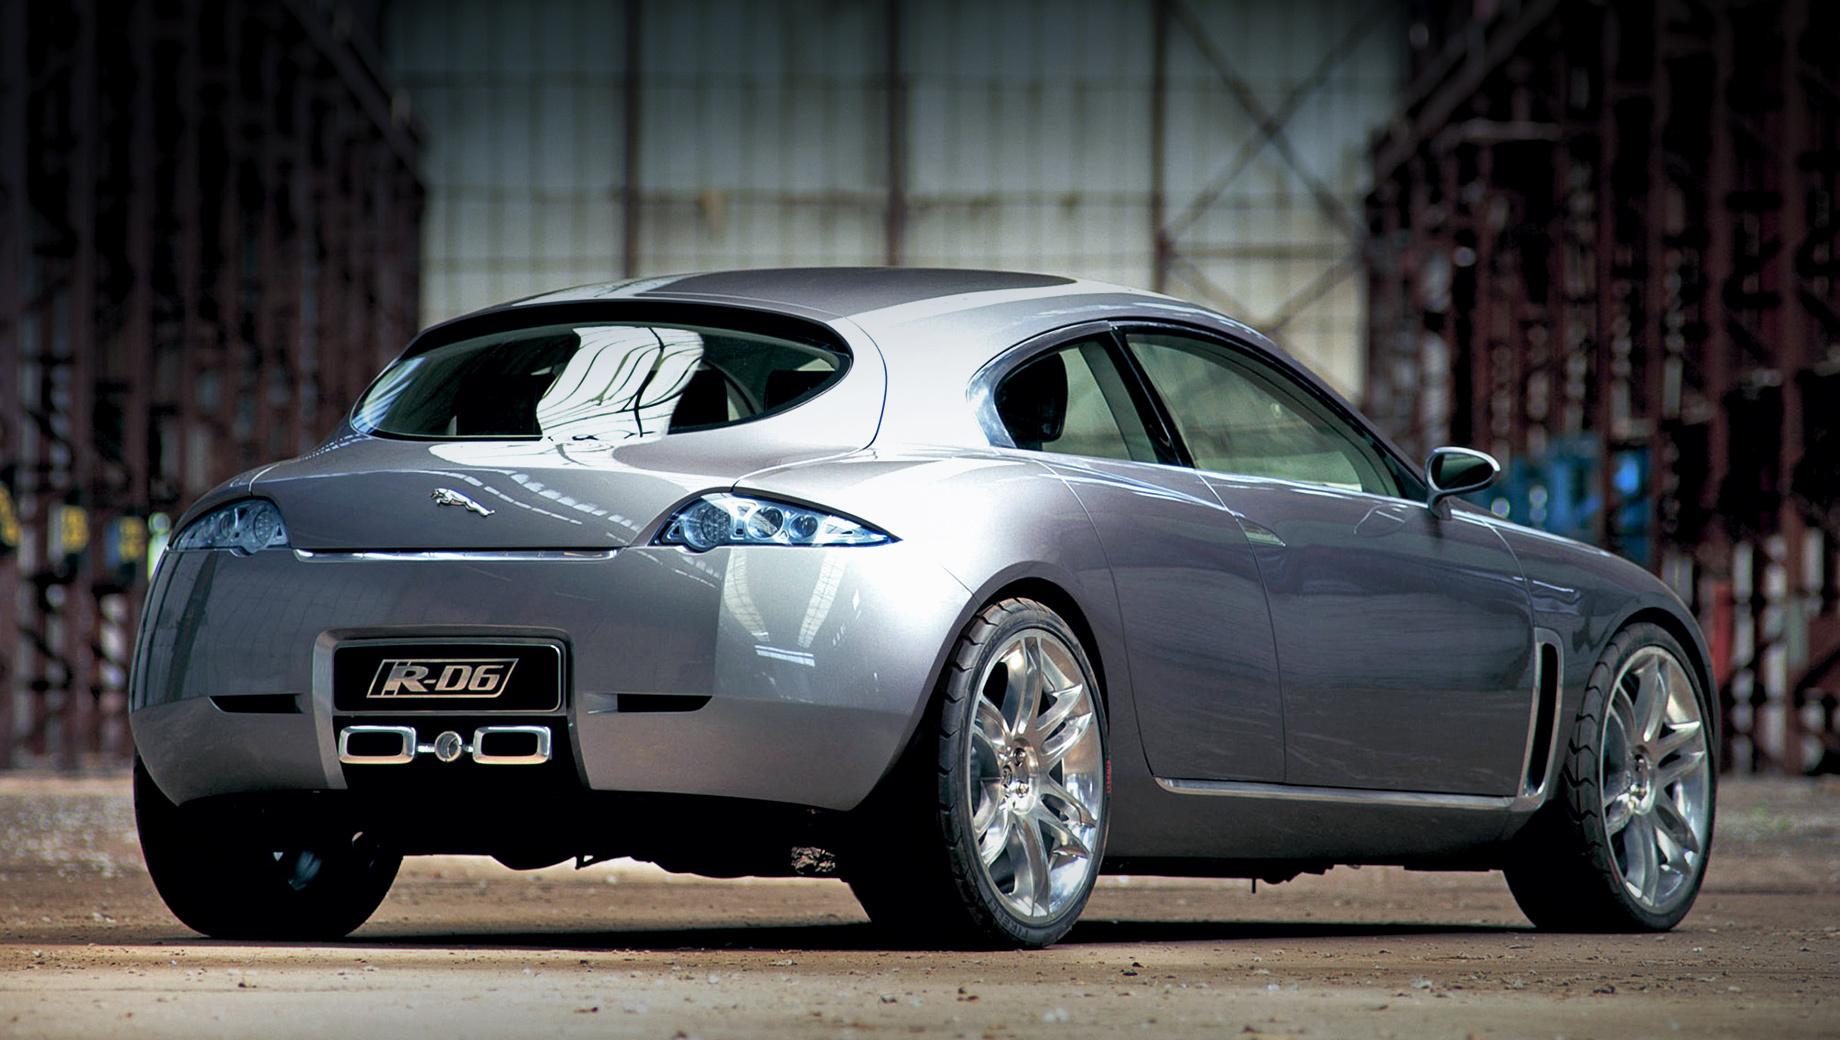 Jaguar xe,Jaguar xf. Ещё в 2003 году специалисты Ягуара фантазировали на тему хэтчбека c боковыми дверями в стиле Мазды RX-8 и задней калиткой, открывающейся в сторону. Тогда пятидверка, нарисованная Яном Каллумом, казалась излишне смелой для такого бренда, но сегодня подобный автомобиль помог бы Ягуару воспрять. Особенно учитывая, что ягуаровские седаны мало кому нужны.